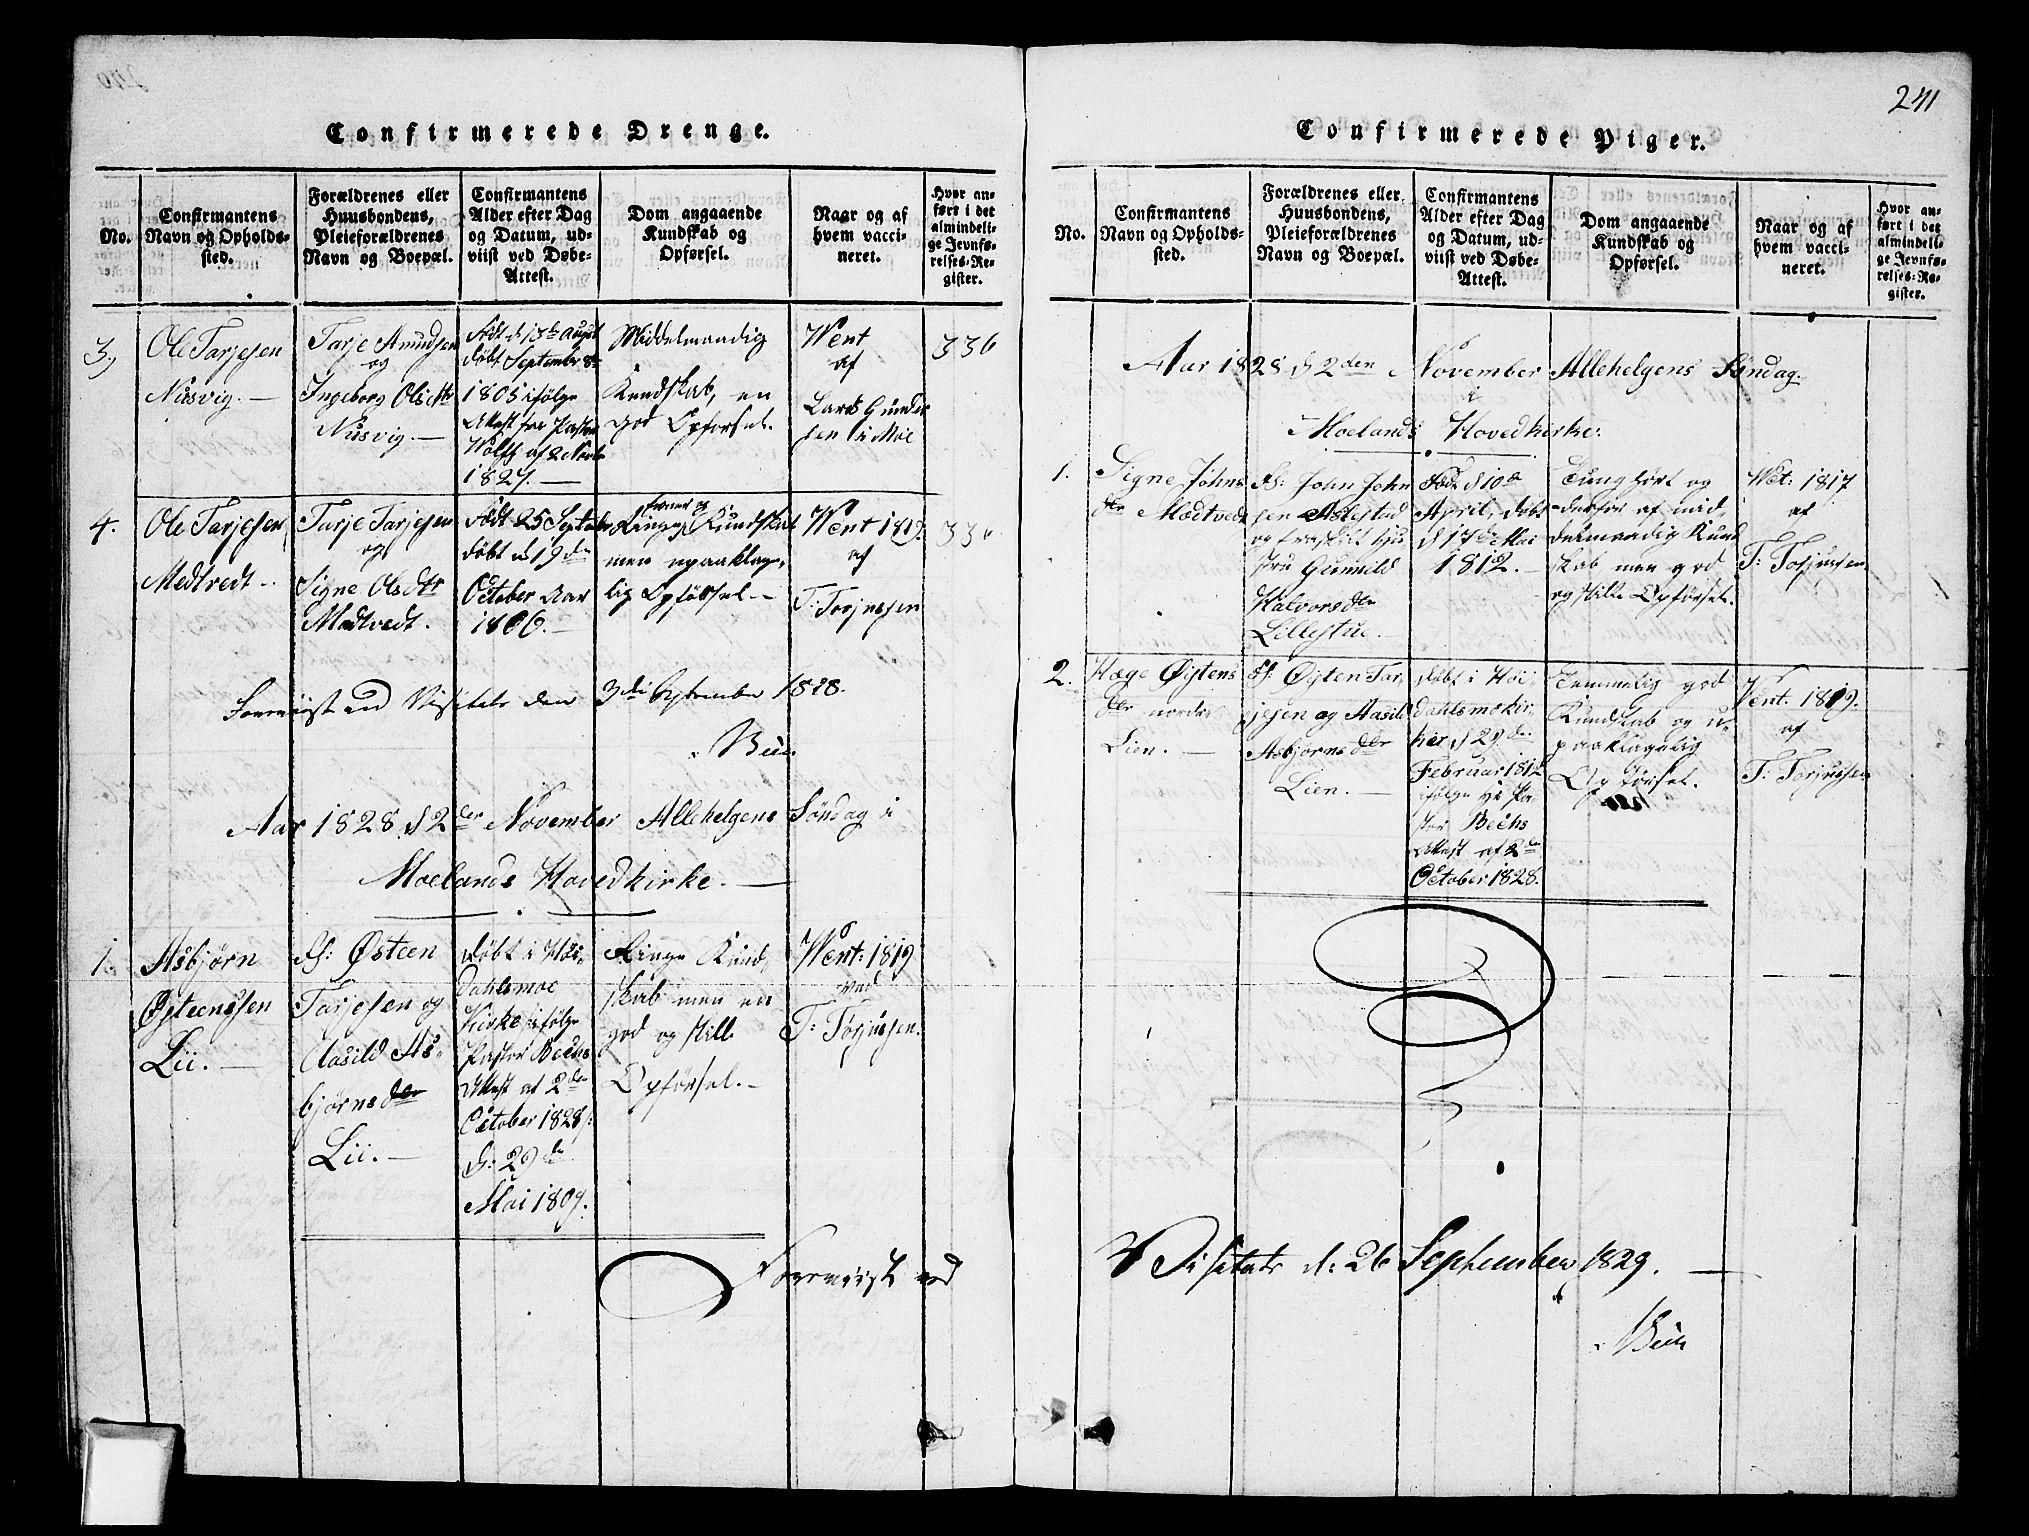 SAKO, Fyresdal kirkebøker, G/Ga/L0002: Klokkerbok nr. I 2, 1815-1857, s. 241